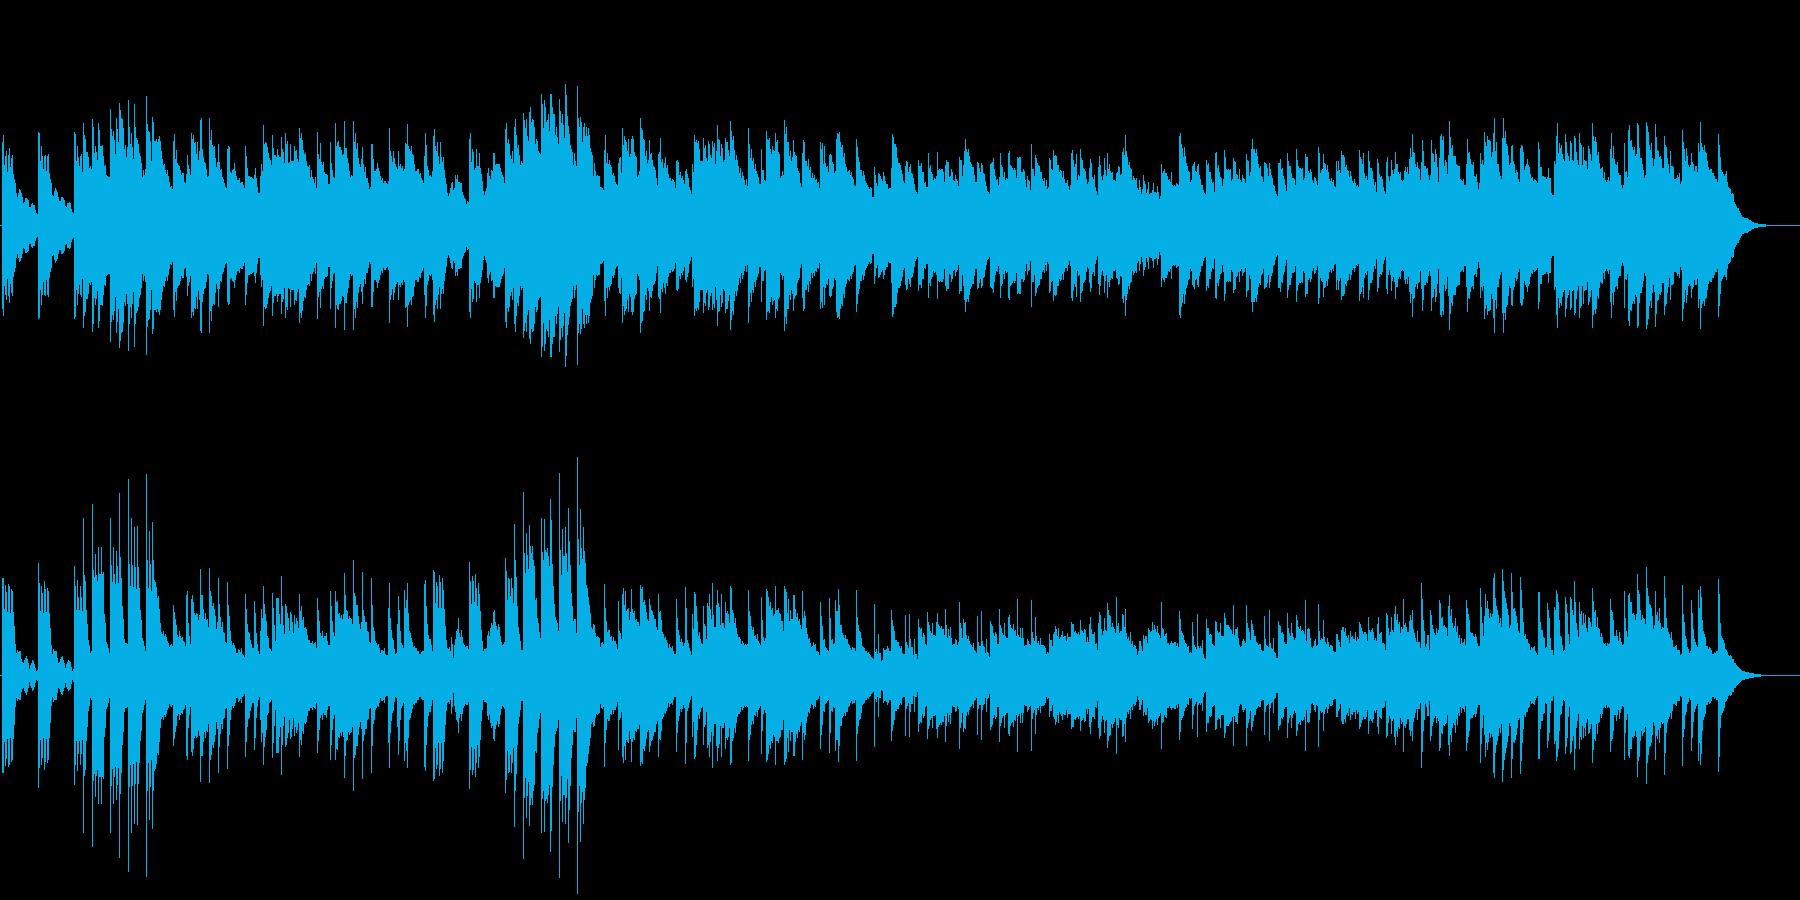 結婚式の定番曲!オルゴールバージョン!の再生済みの波形